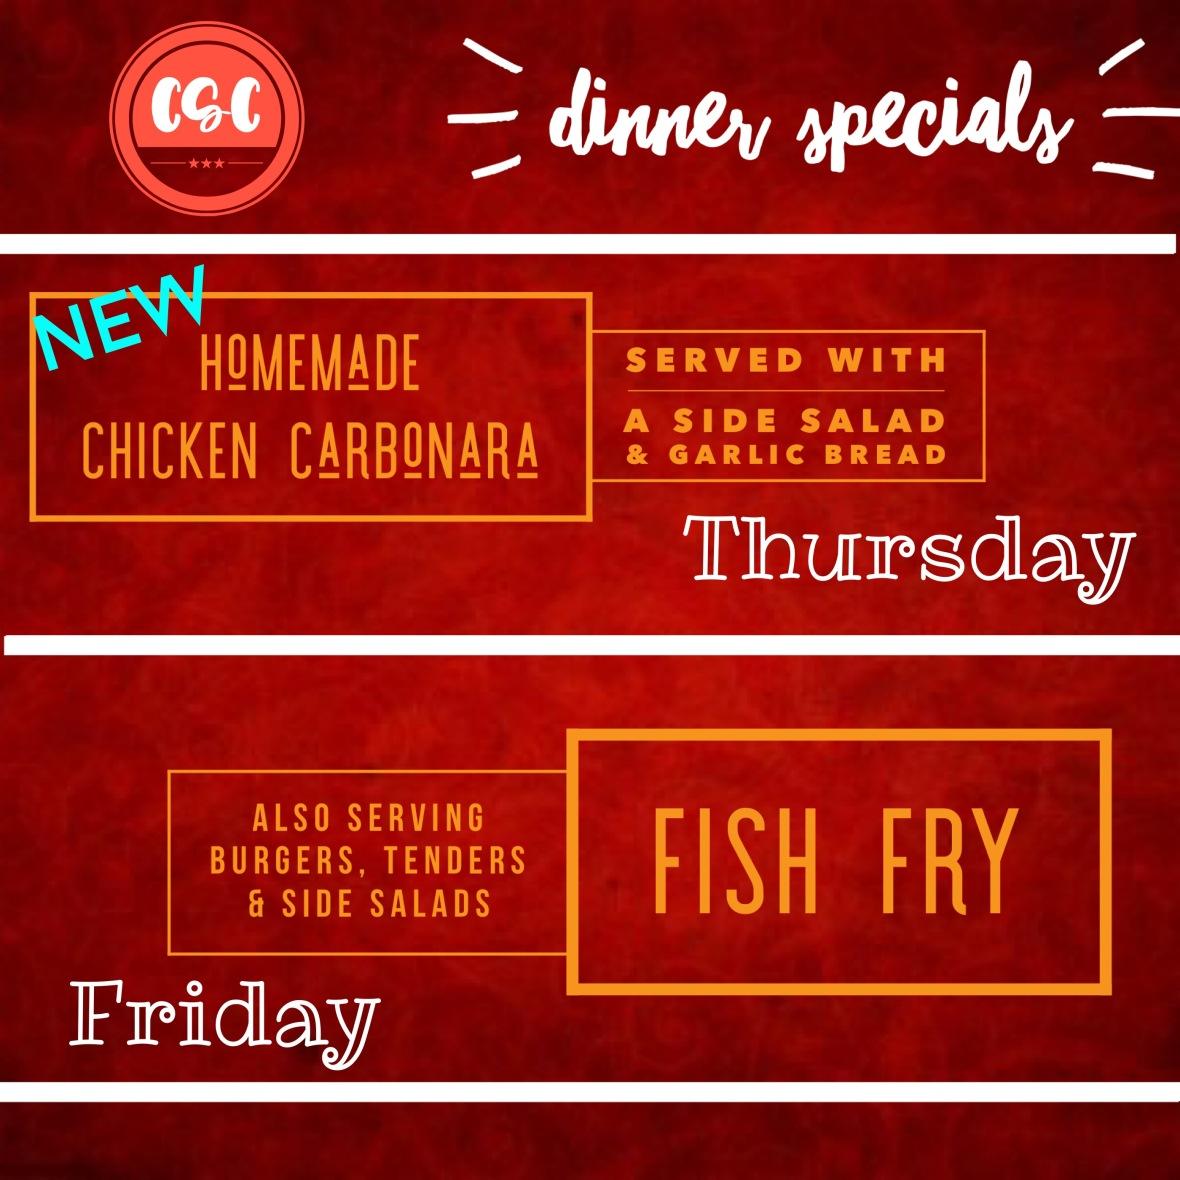 dinner specials Oct 3